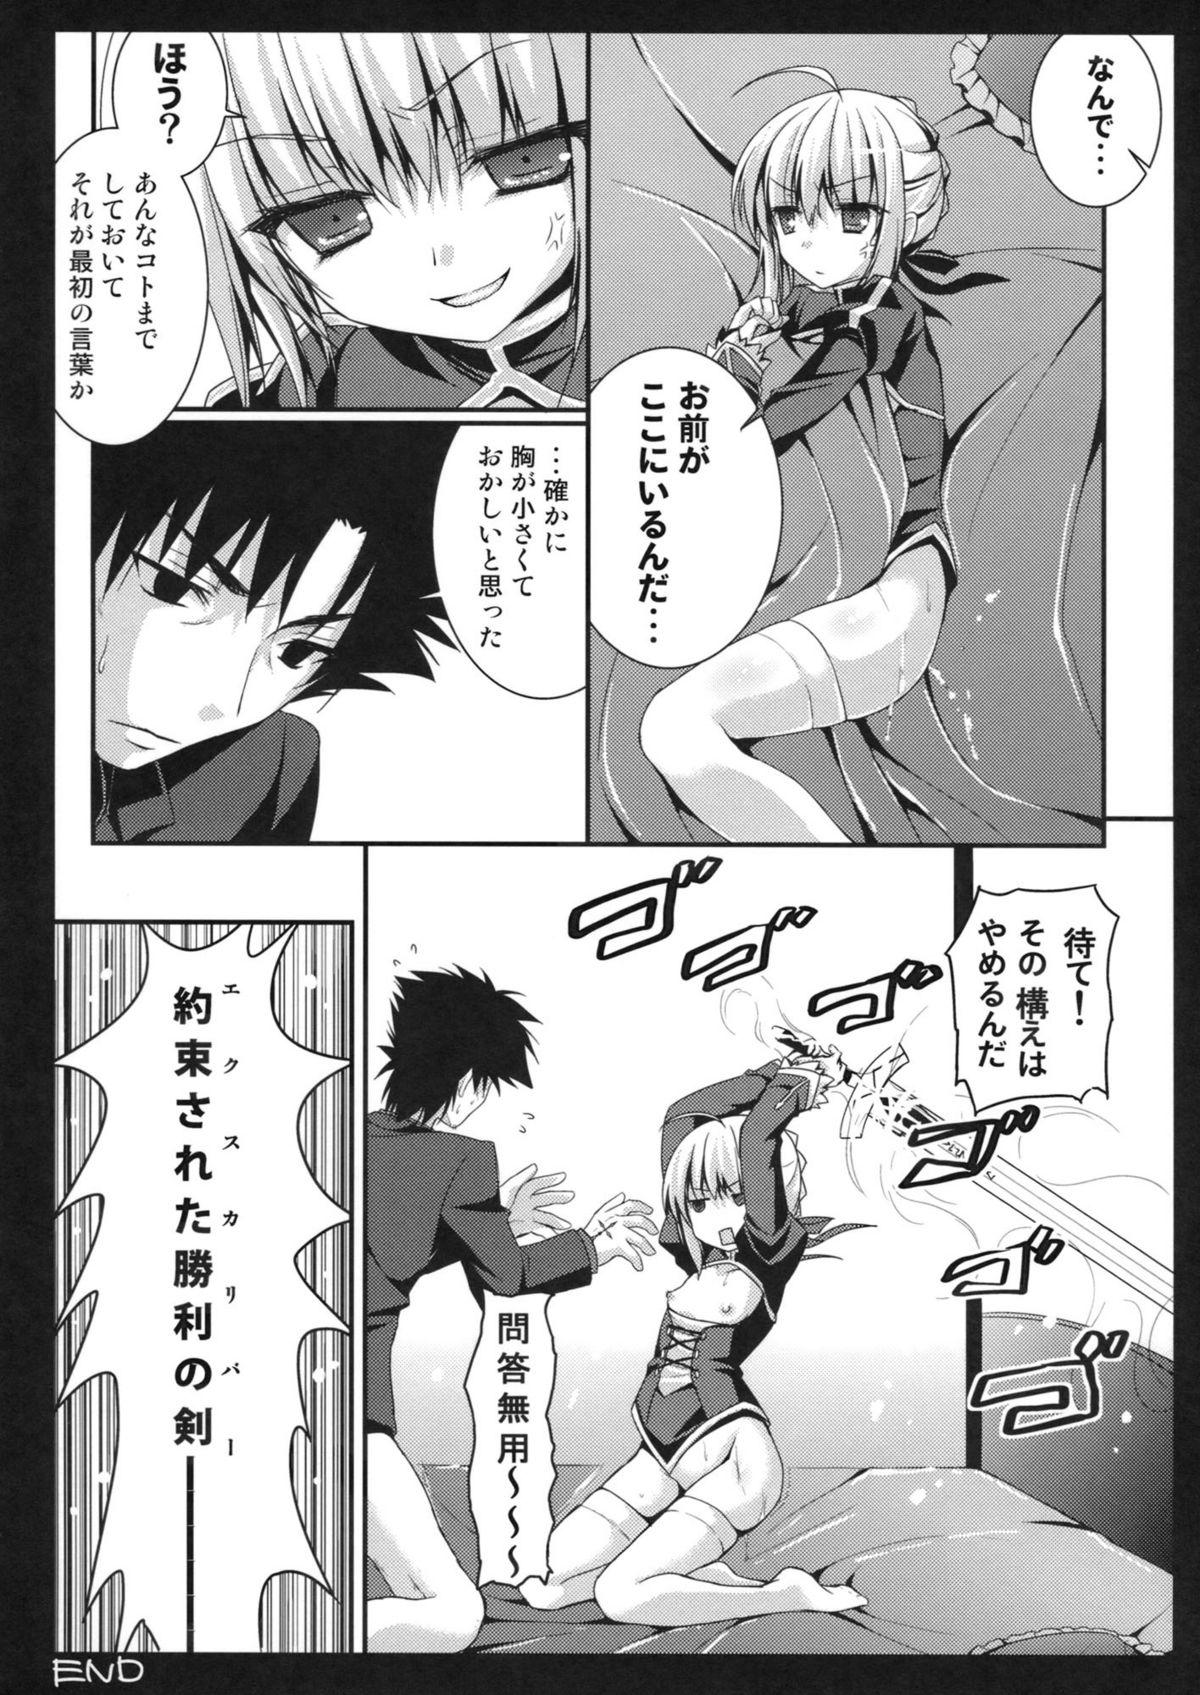 Saber san no Migawari Sakusen 14